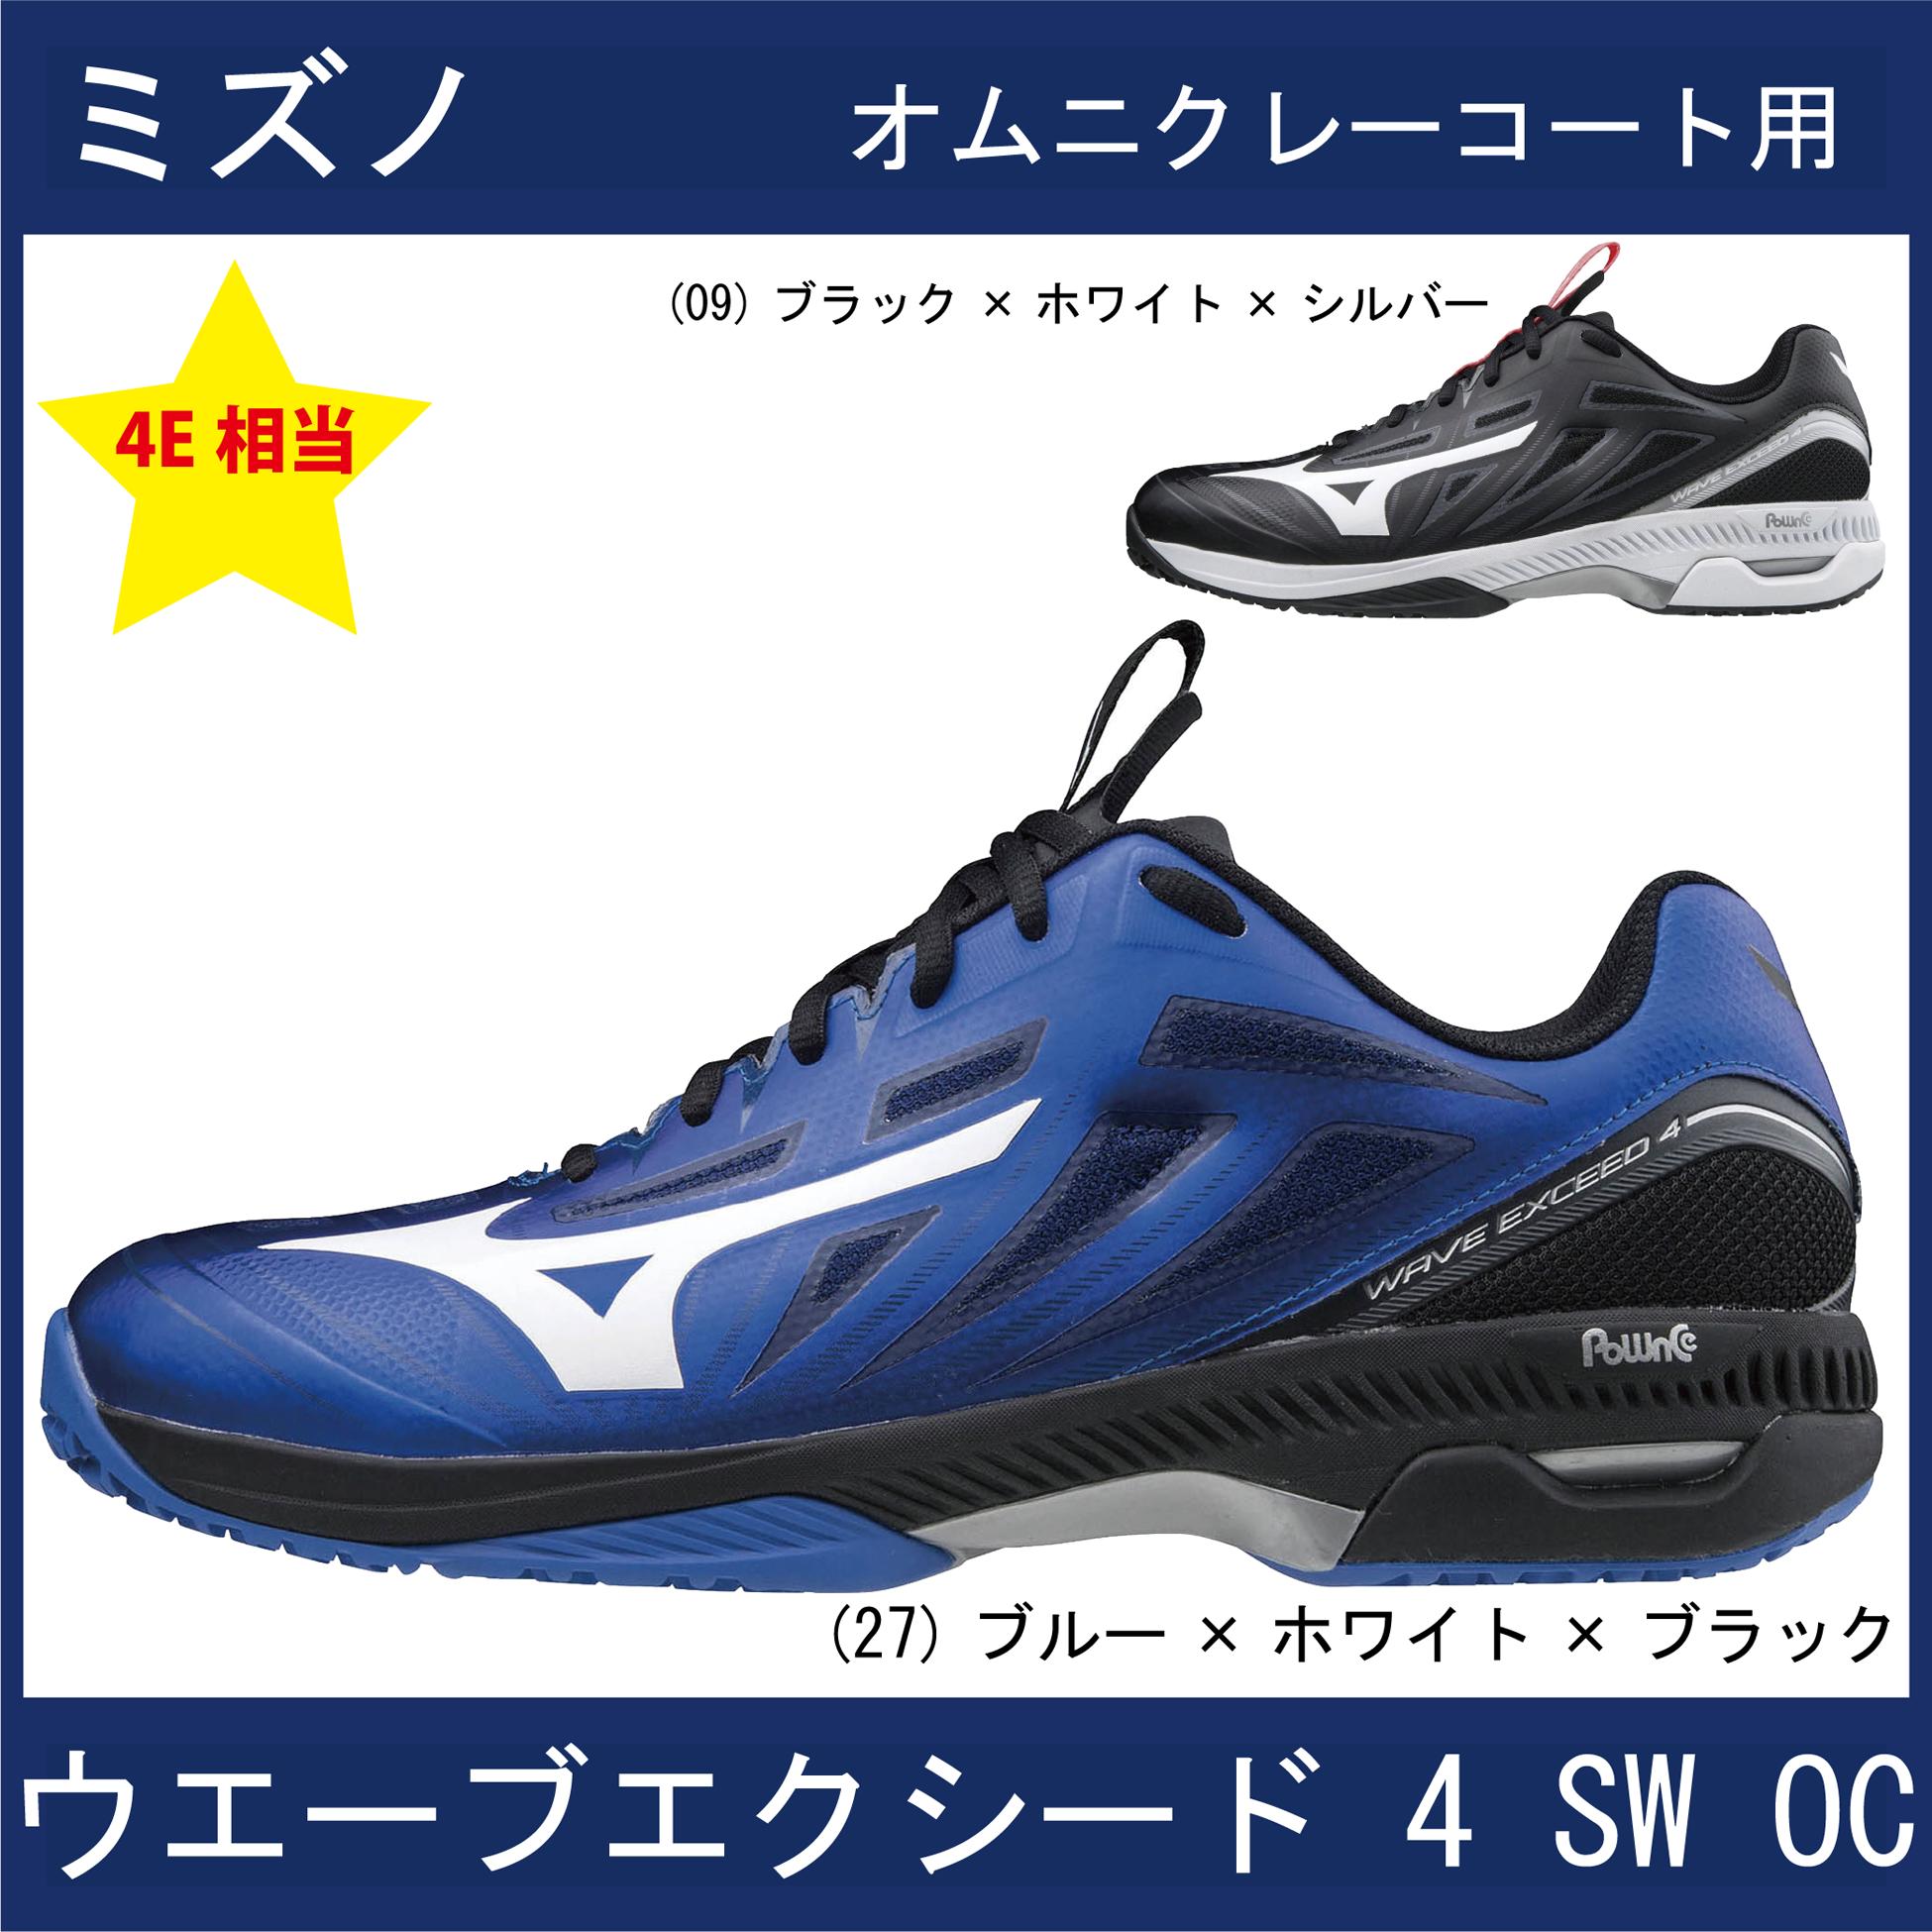 【新製品シューズ】 ミズノ WAVE EXCEED 4 SW OC ウエーブエクシード 4 SW(ス-パーワイド) OC